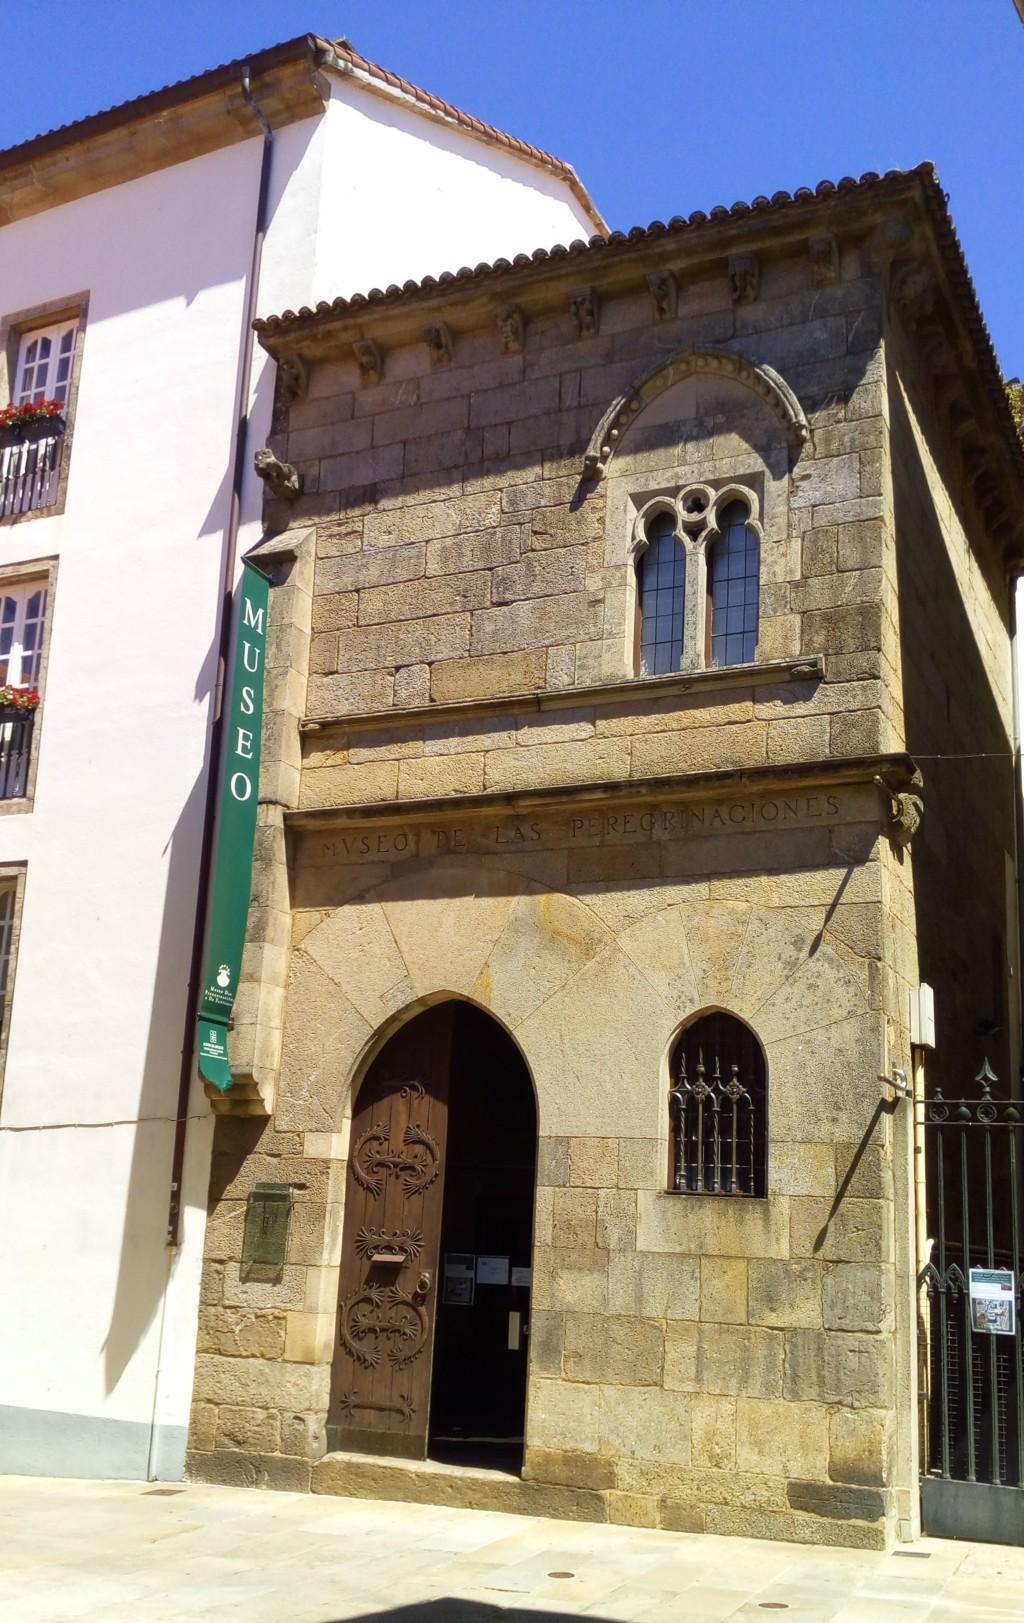 """Foto 2 - En la rúa y a la derecha casa Gótica (S. XIV) Tambien conocida como """"A Casa do Rei Don Pedro"""""""